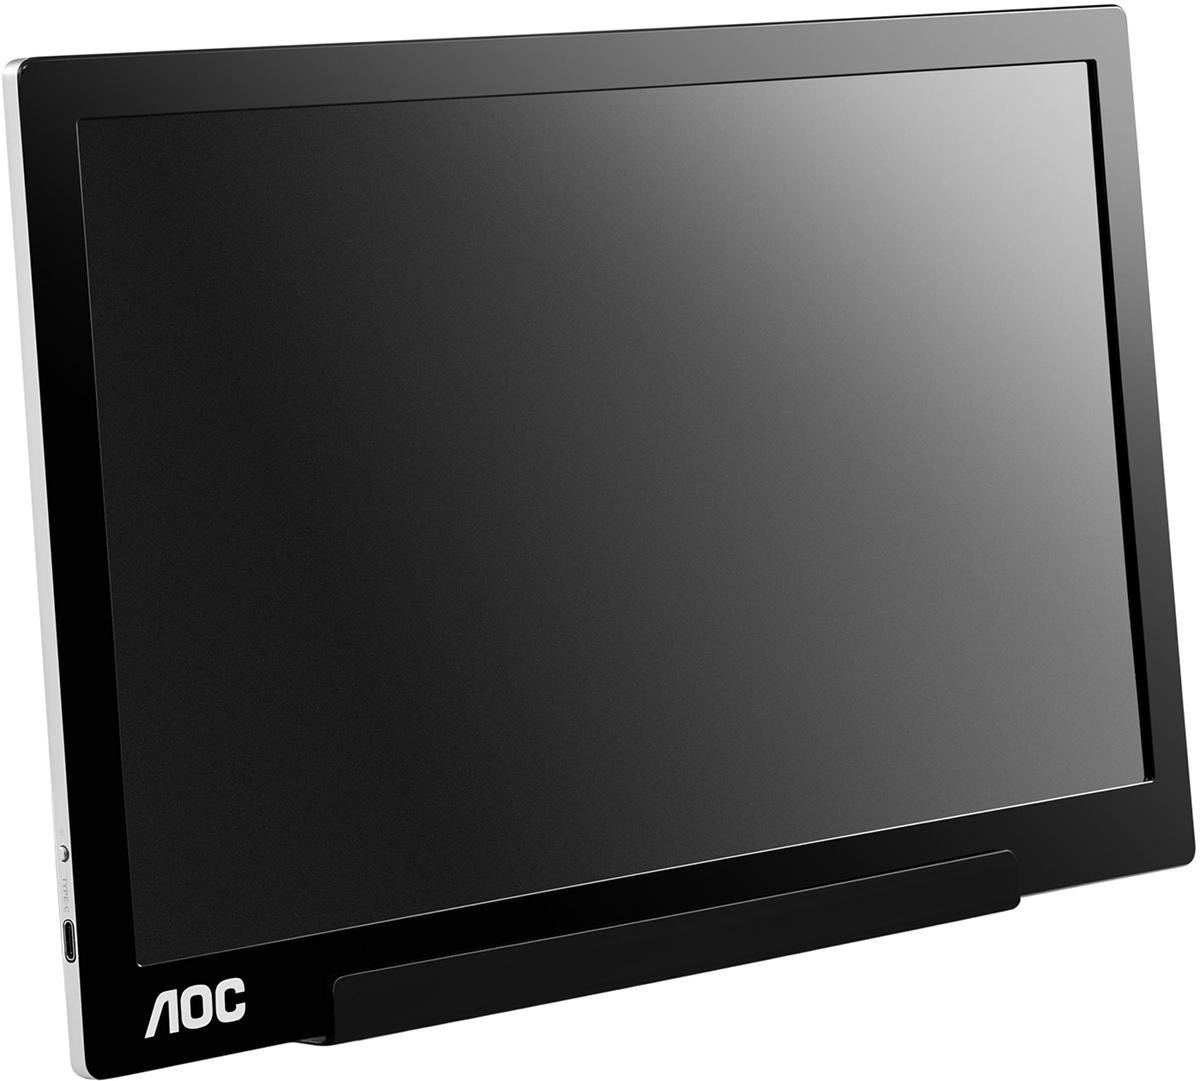 Młodzieńczy AOC I1601FWUX - Przenośny 15-calowy monitor z matrycą IPS | PurePC.pl GG15